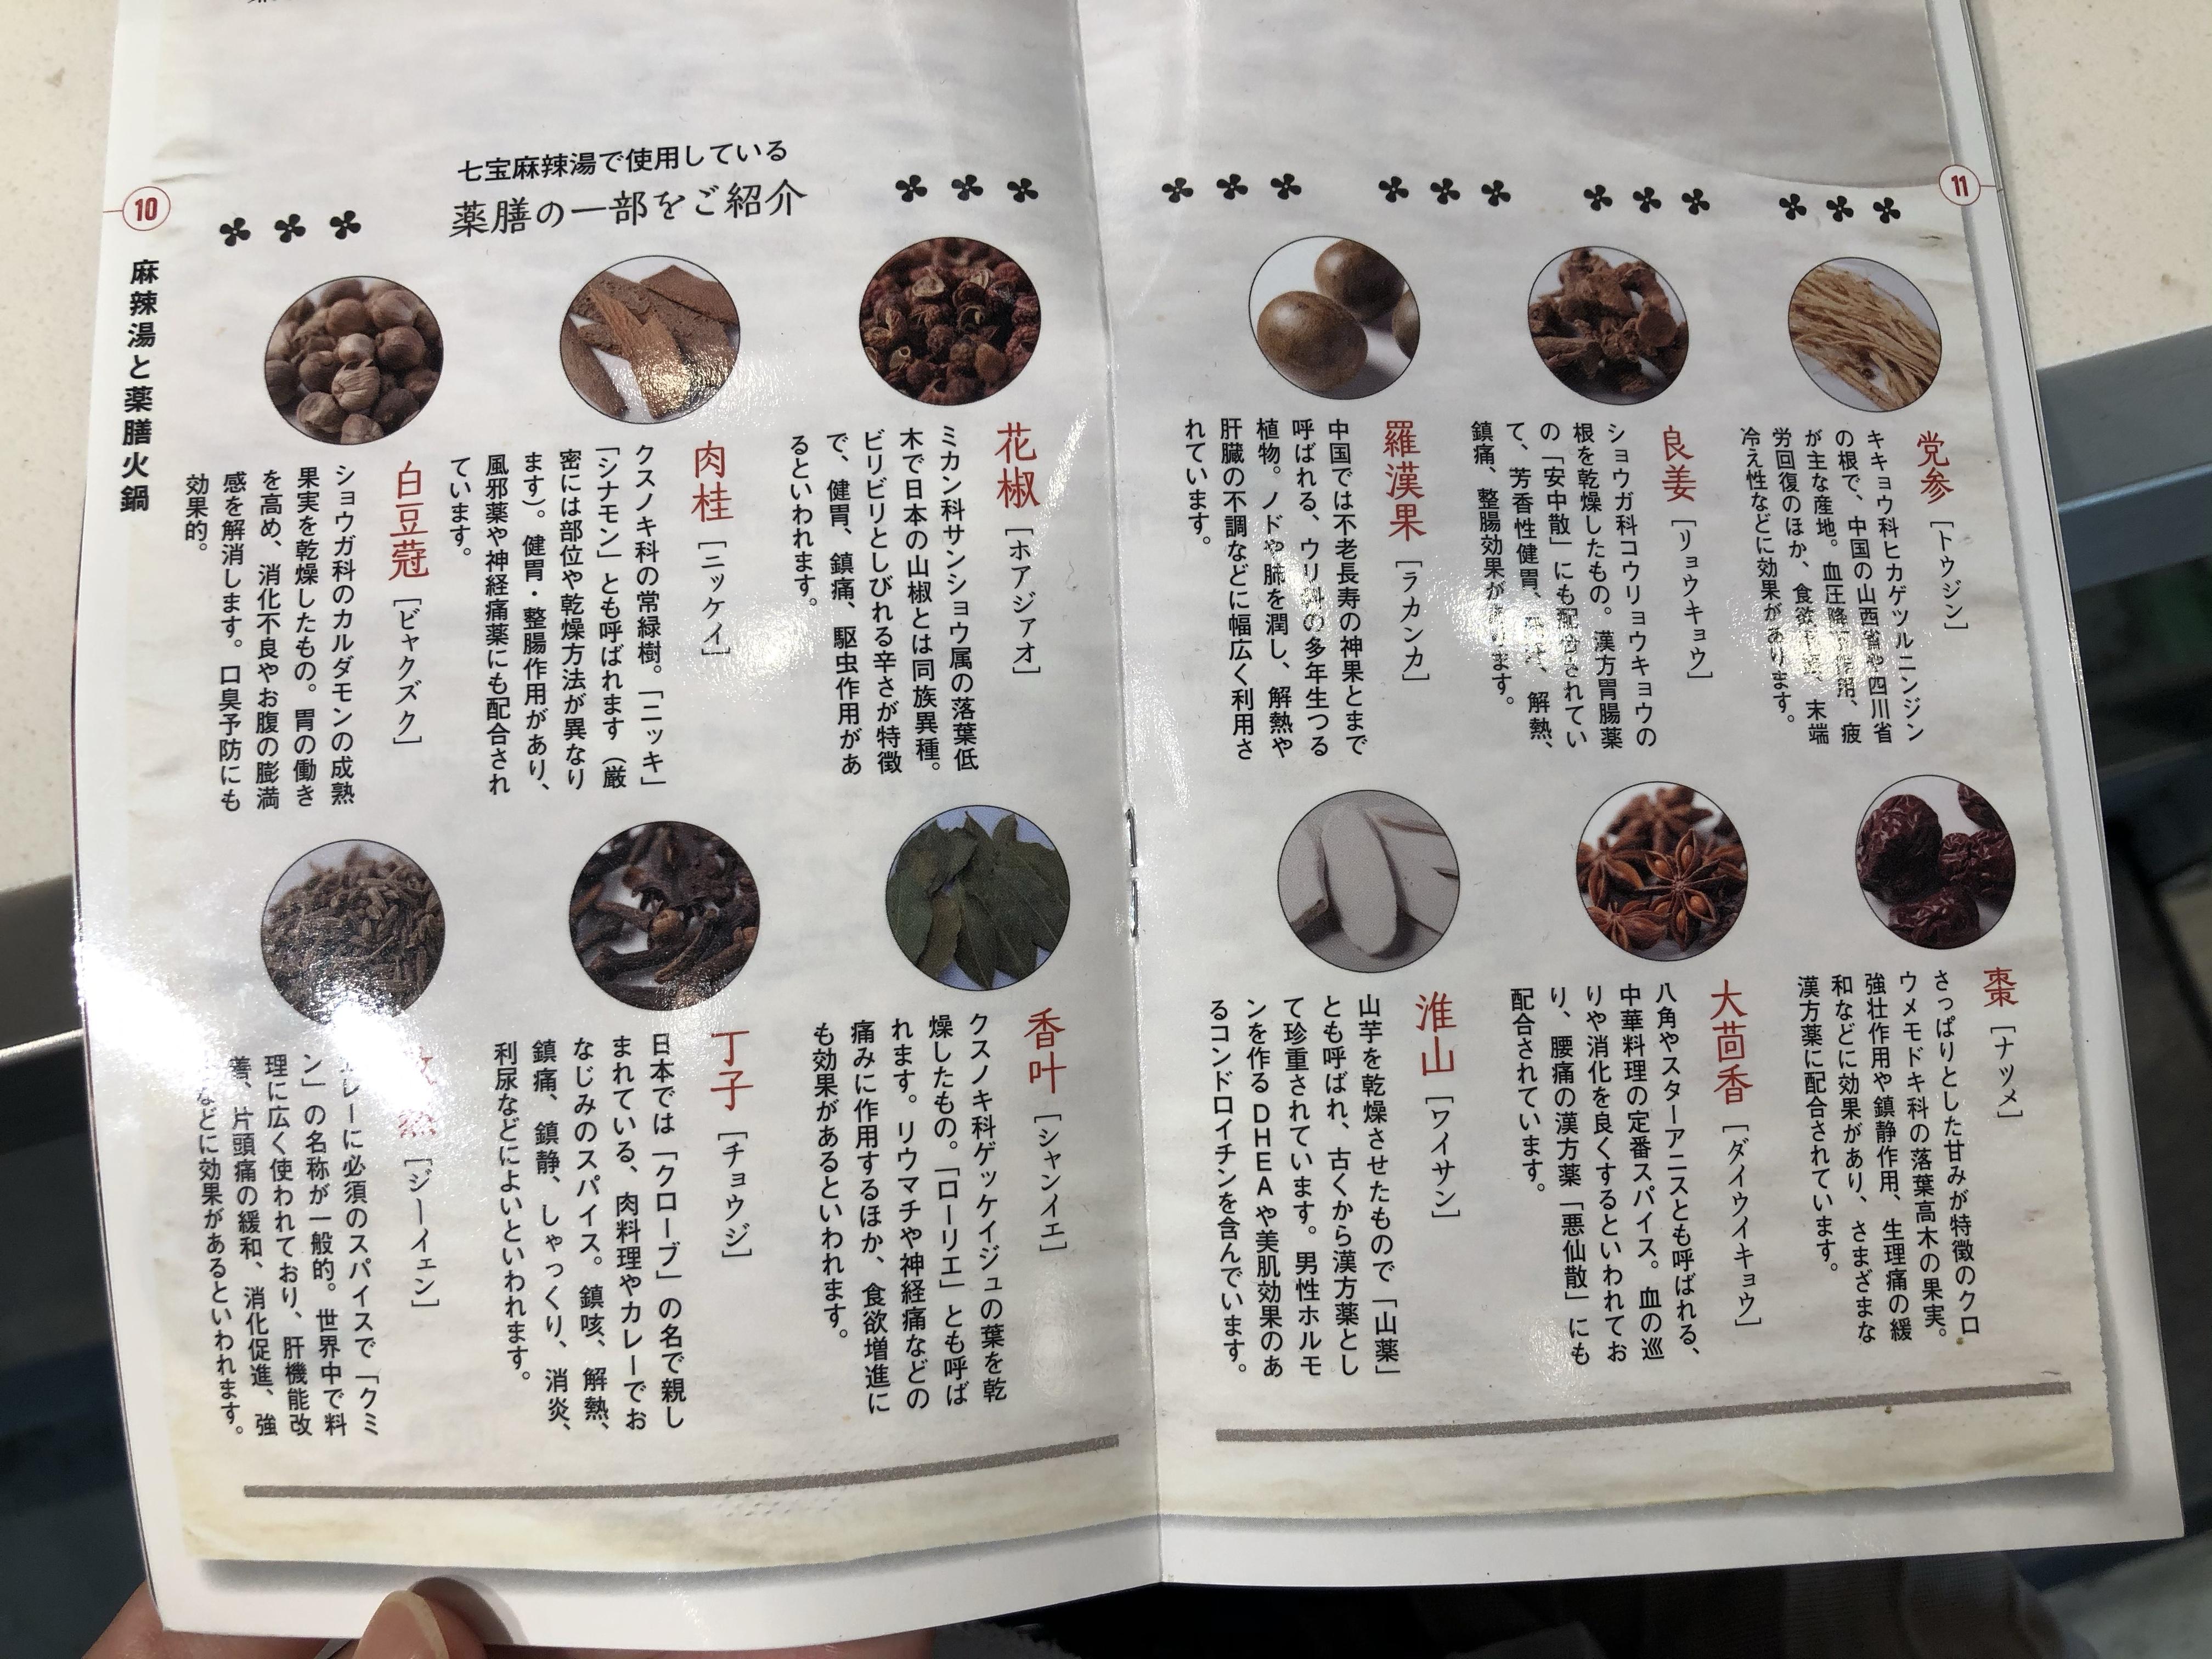 五反田の薬膳春雨スープ・七宝麻辣湯(マーラータン)で使われている薬膳の一部